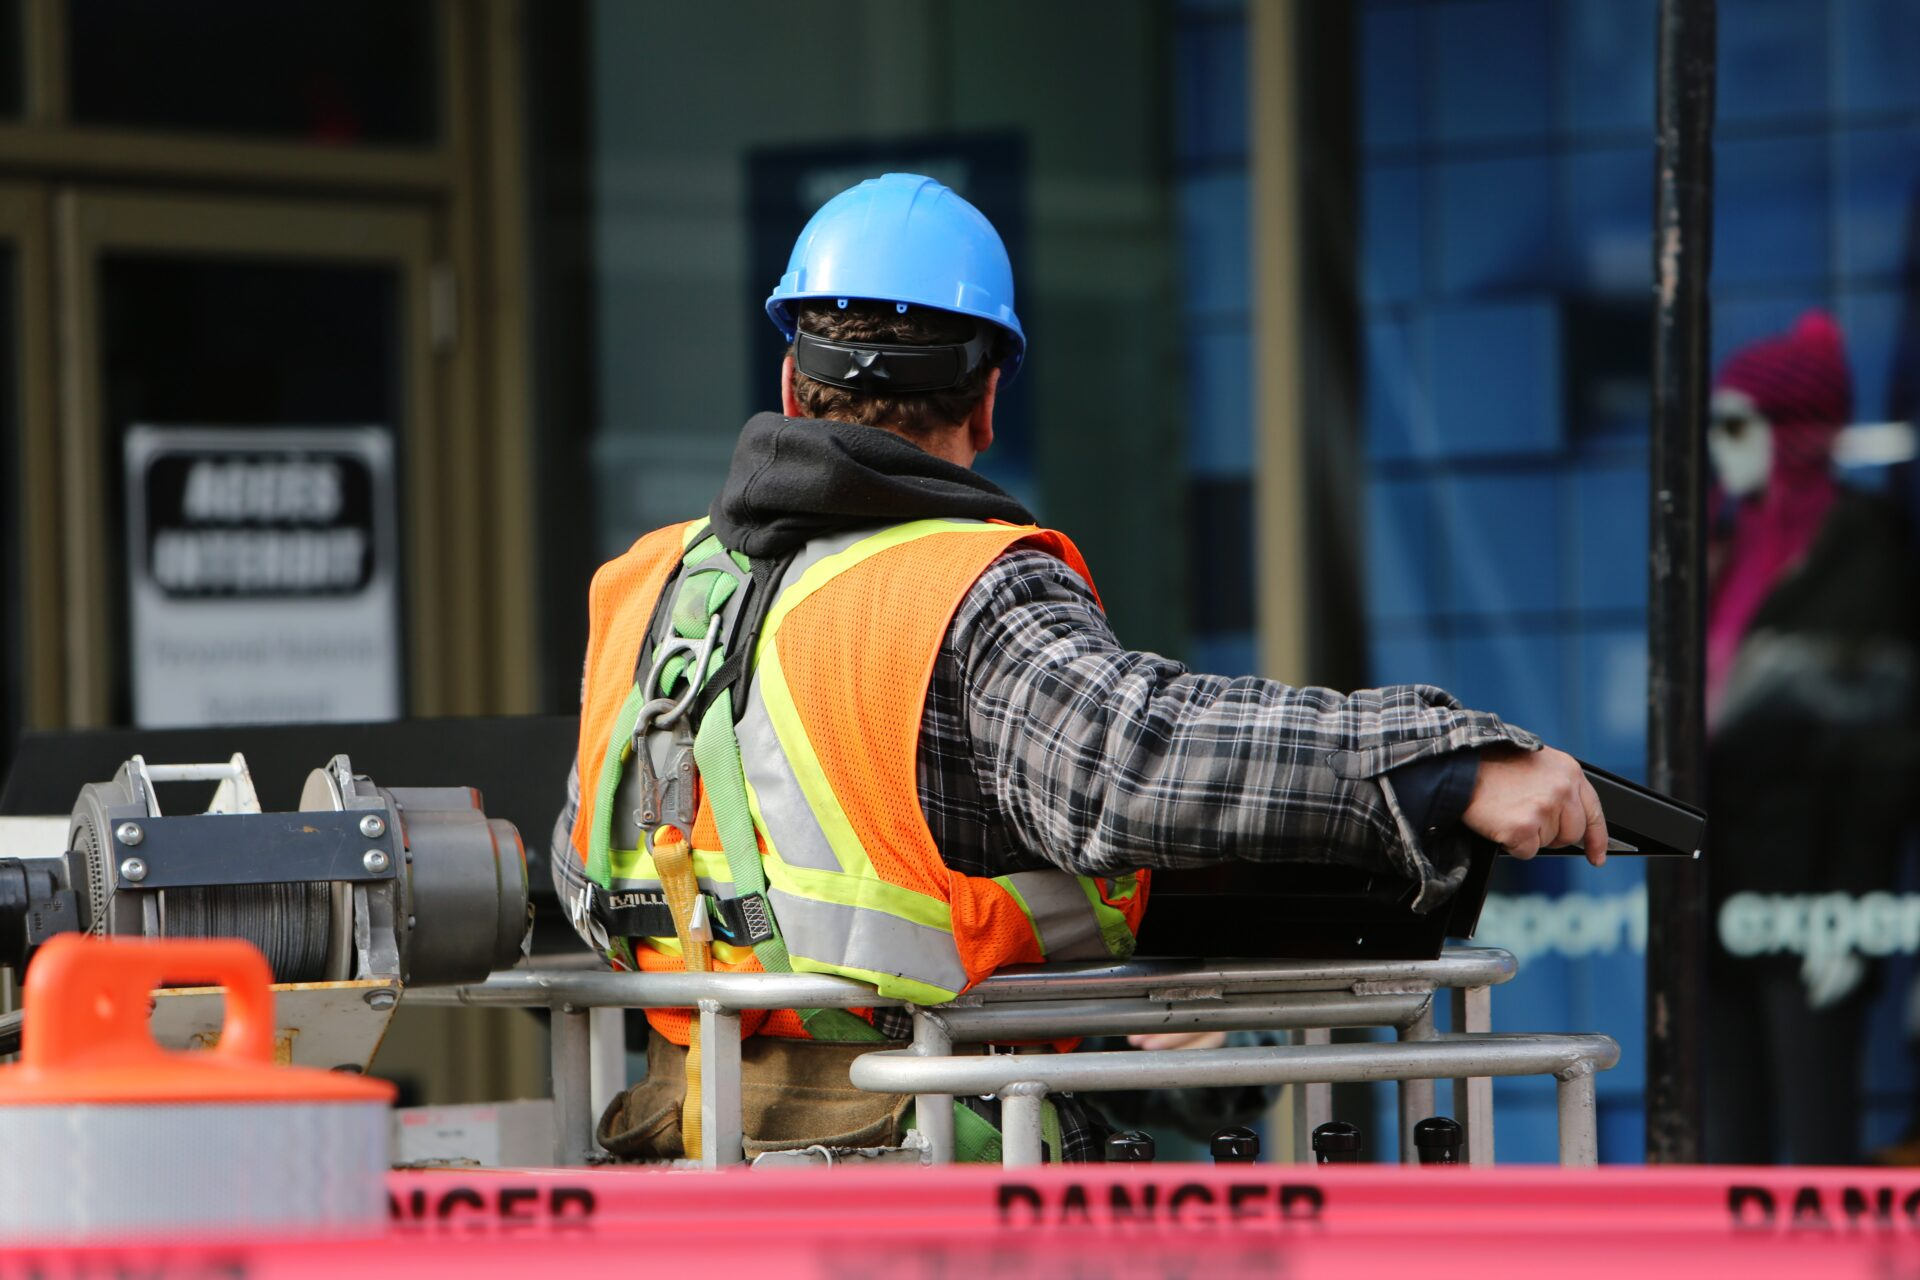 施工管理の13の仕事内容